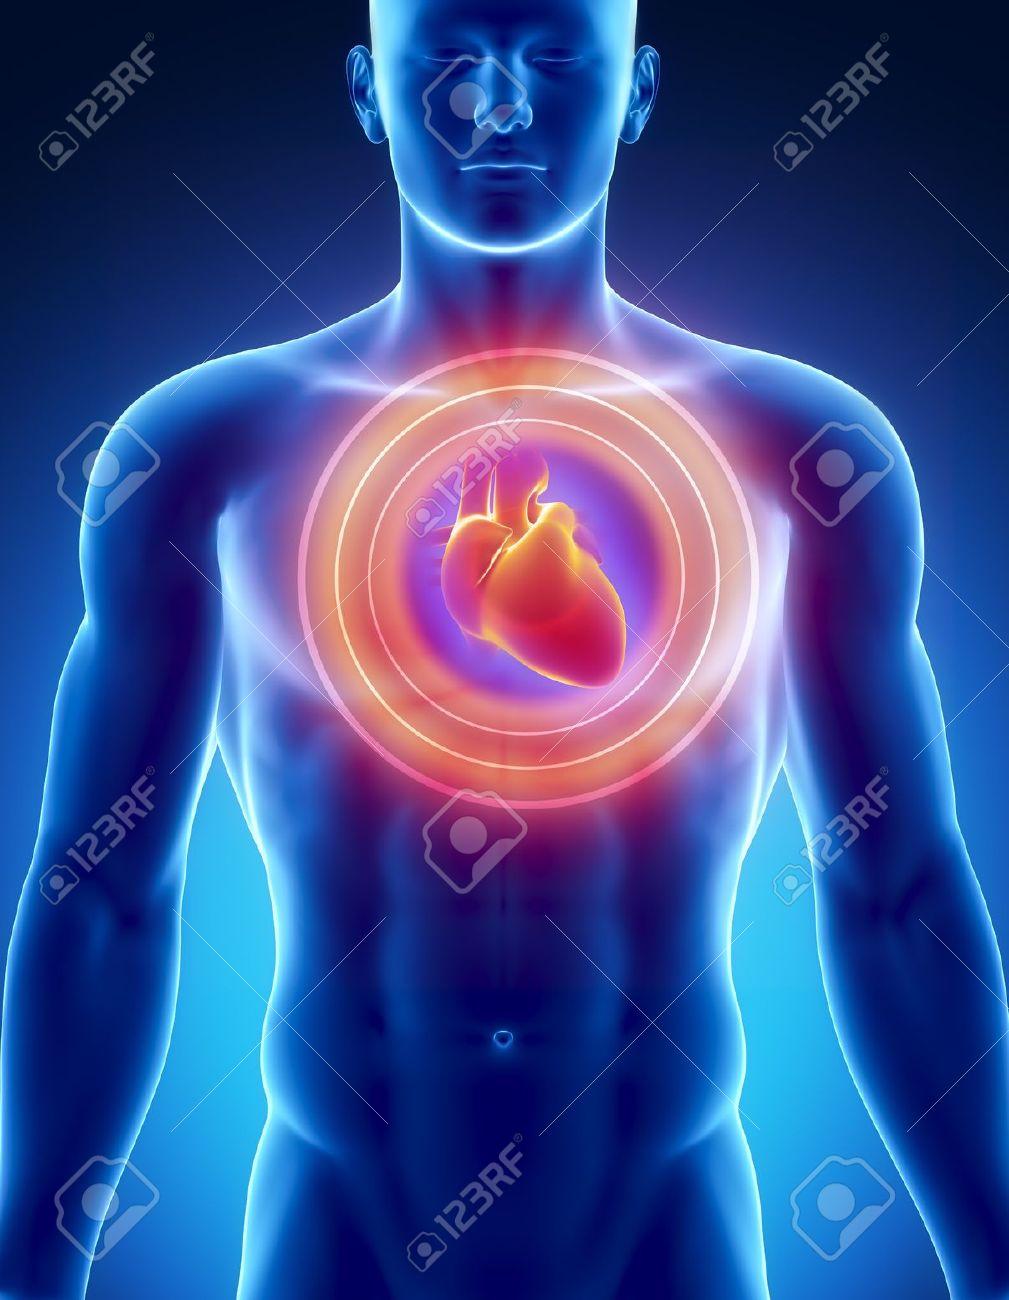 Männliche Anatomie Des Menschlichen Herzens In X-ray Ansehen ...